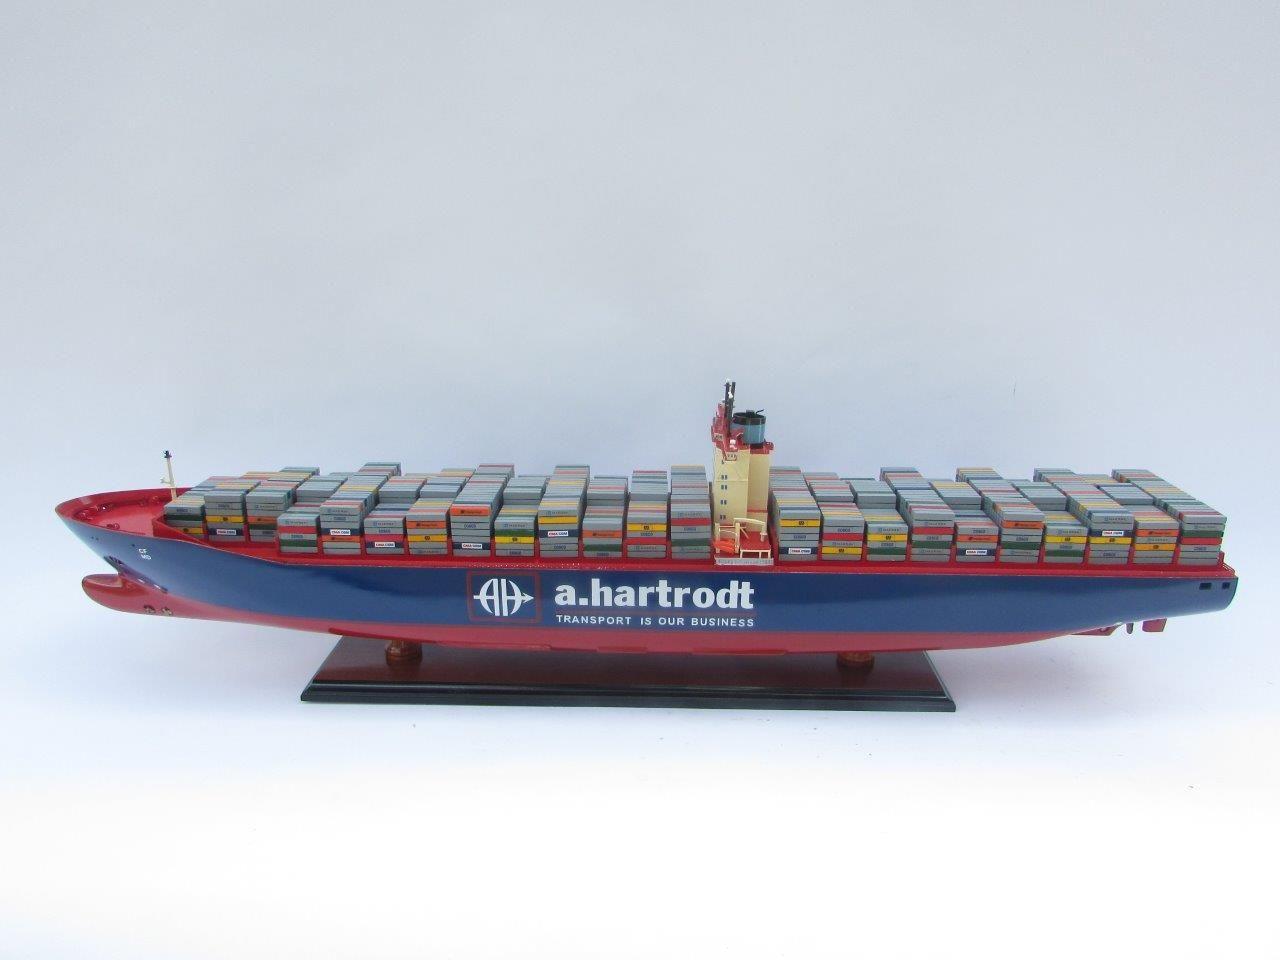 1829-10809-Emma-Maersk-Custom-Ship-Model-with-Rebranding